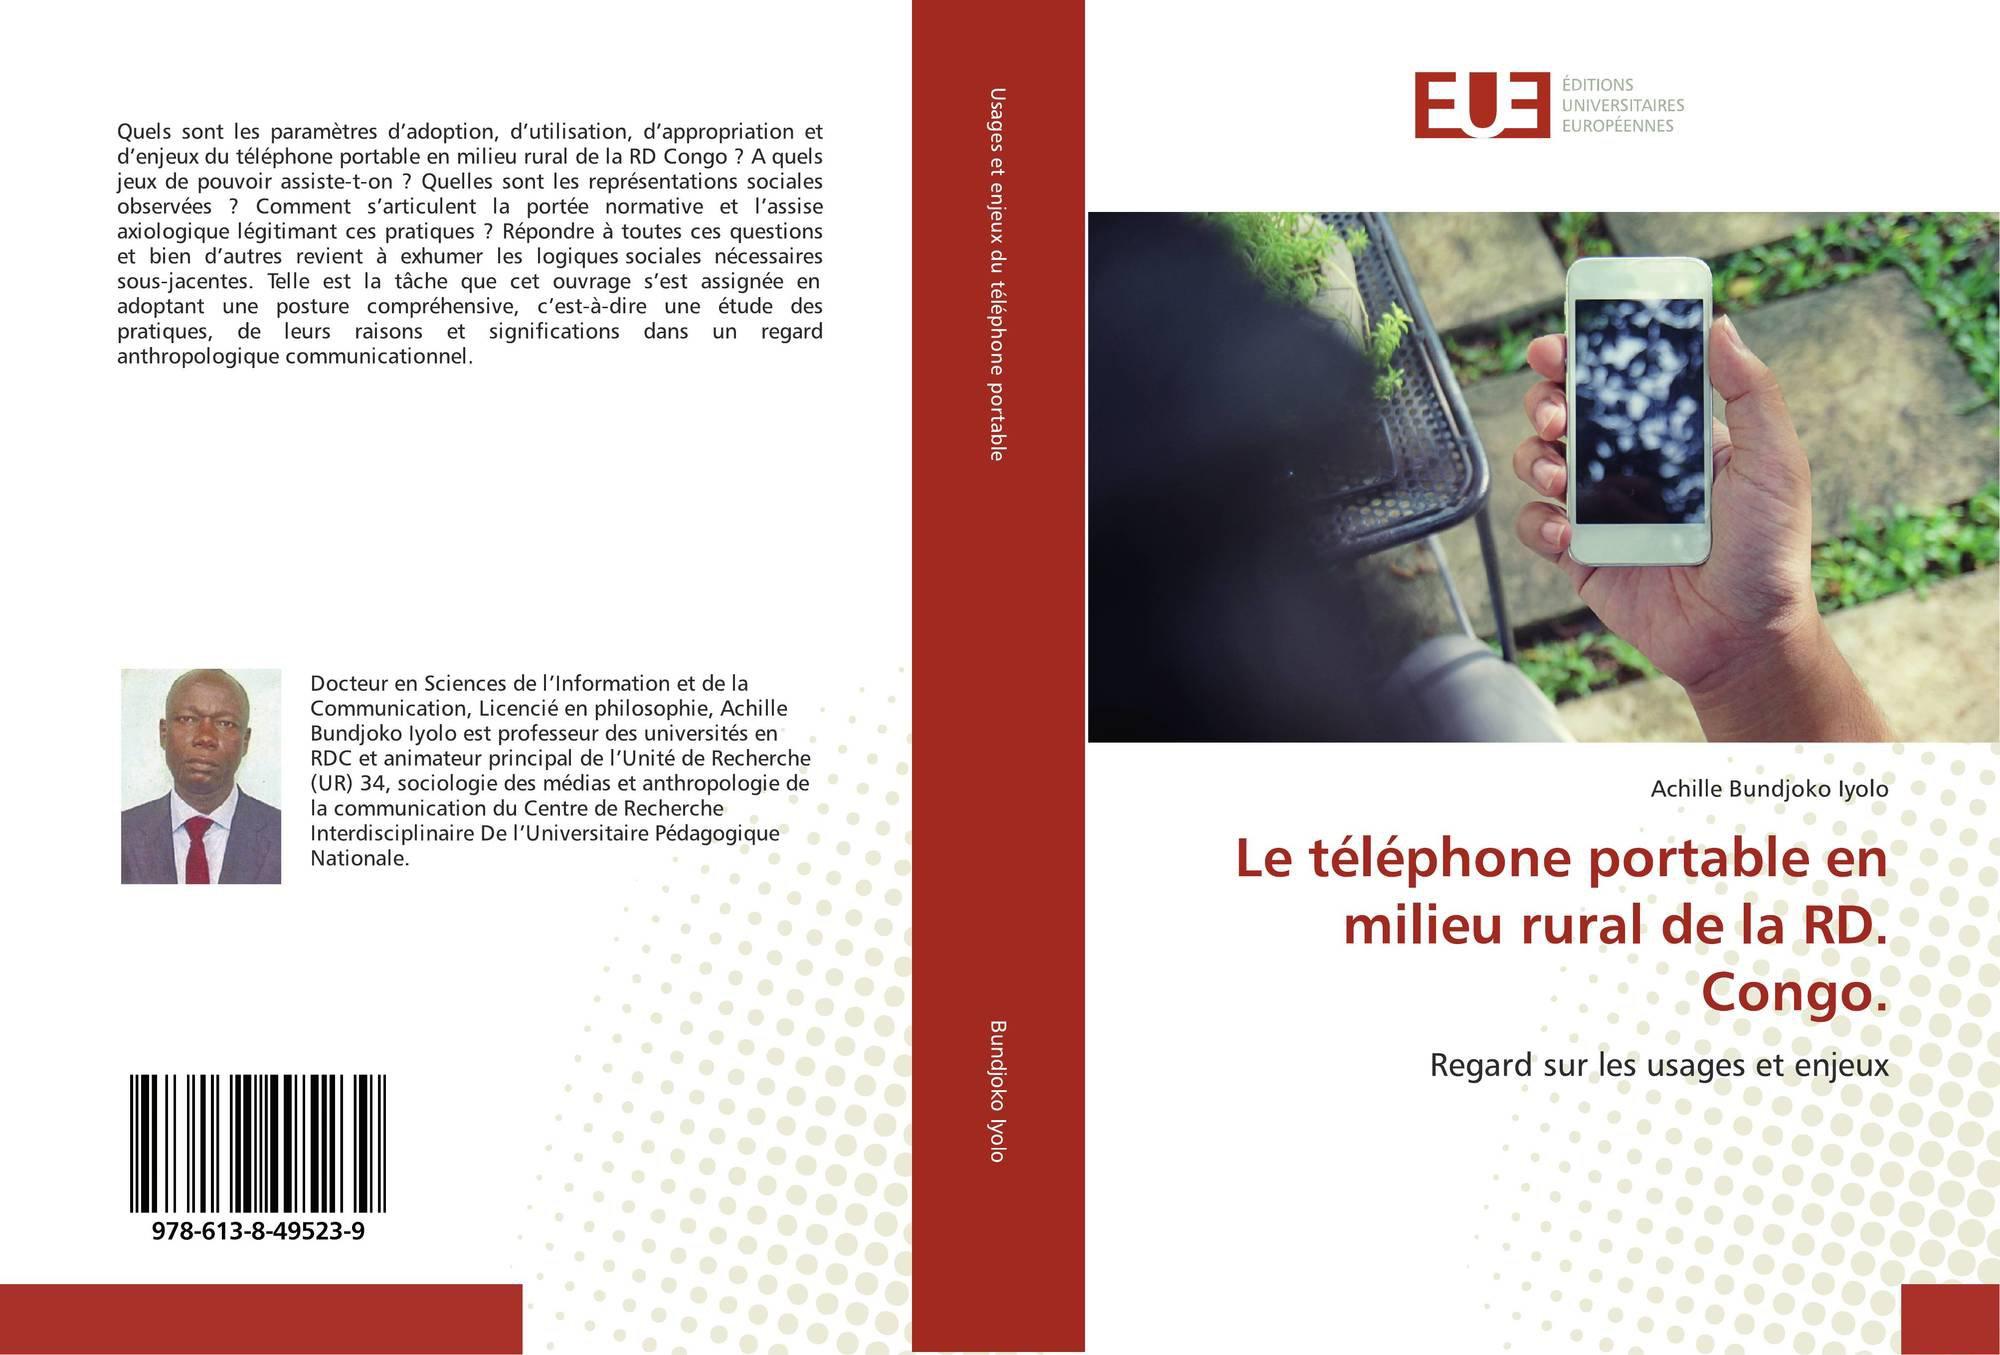 Auteur à succès,Le Professeur Achille Bundjoko publie deux nouveaux ouvrages! 2